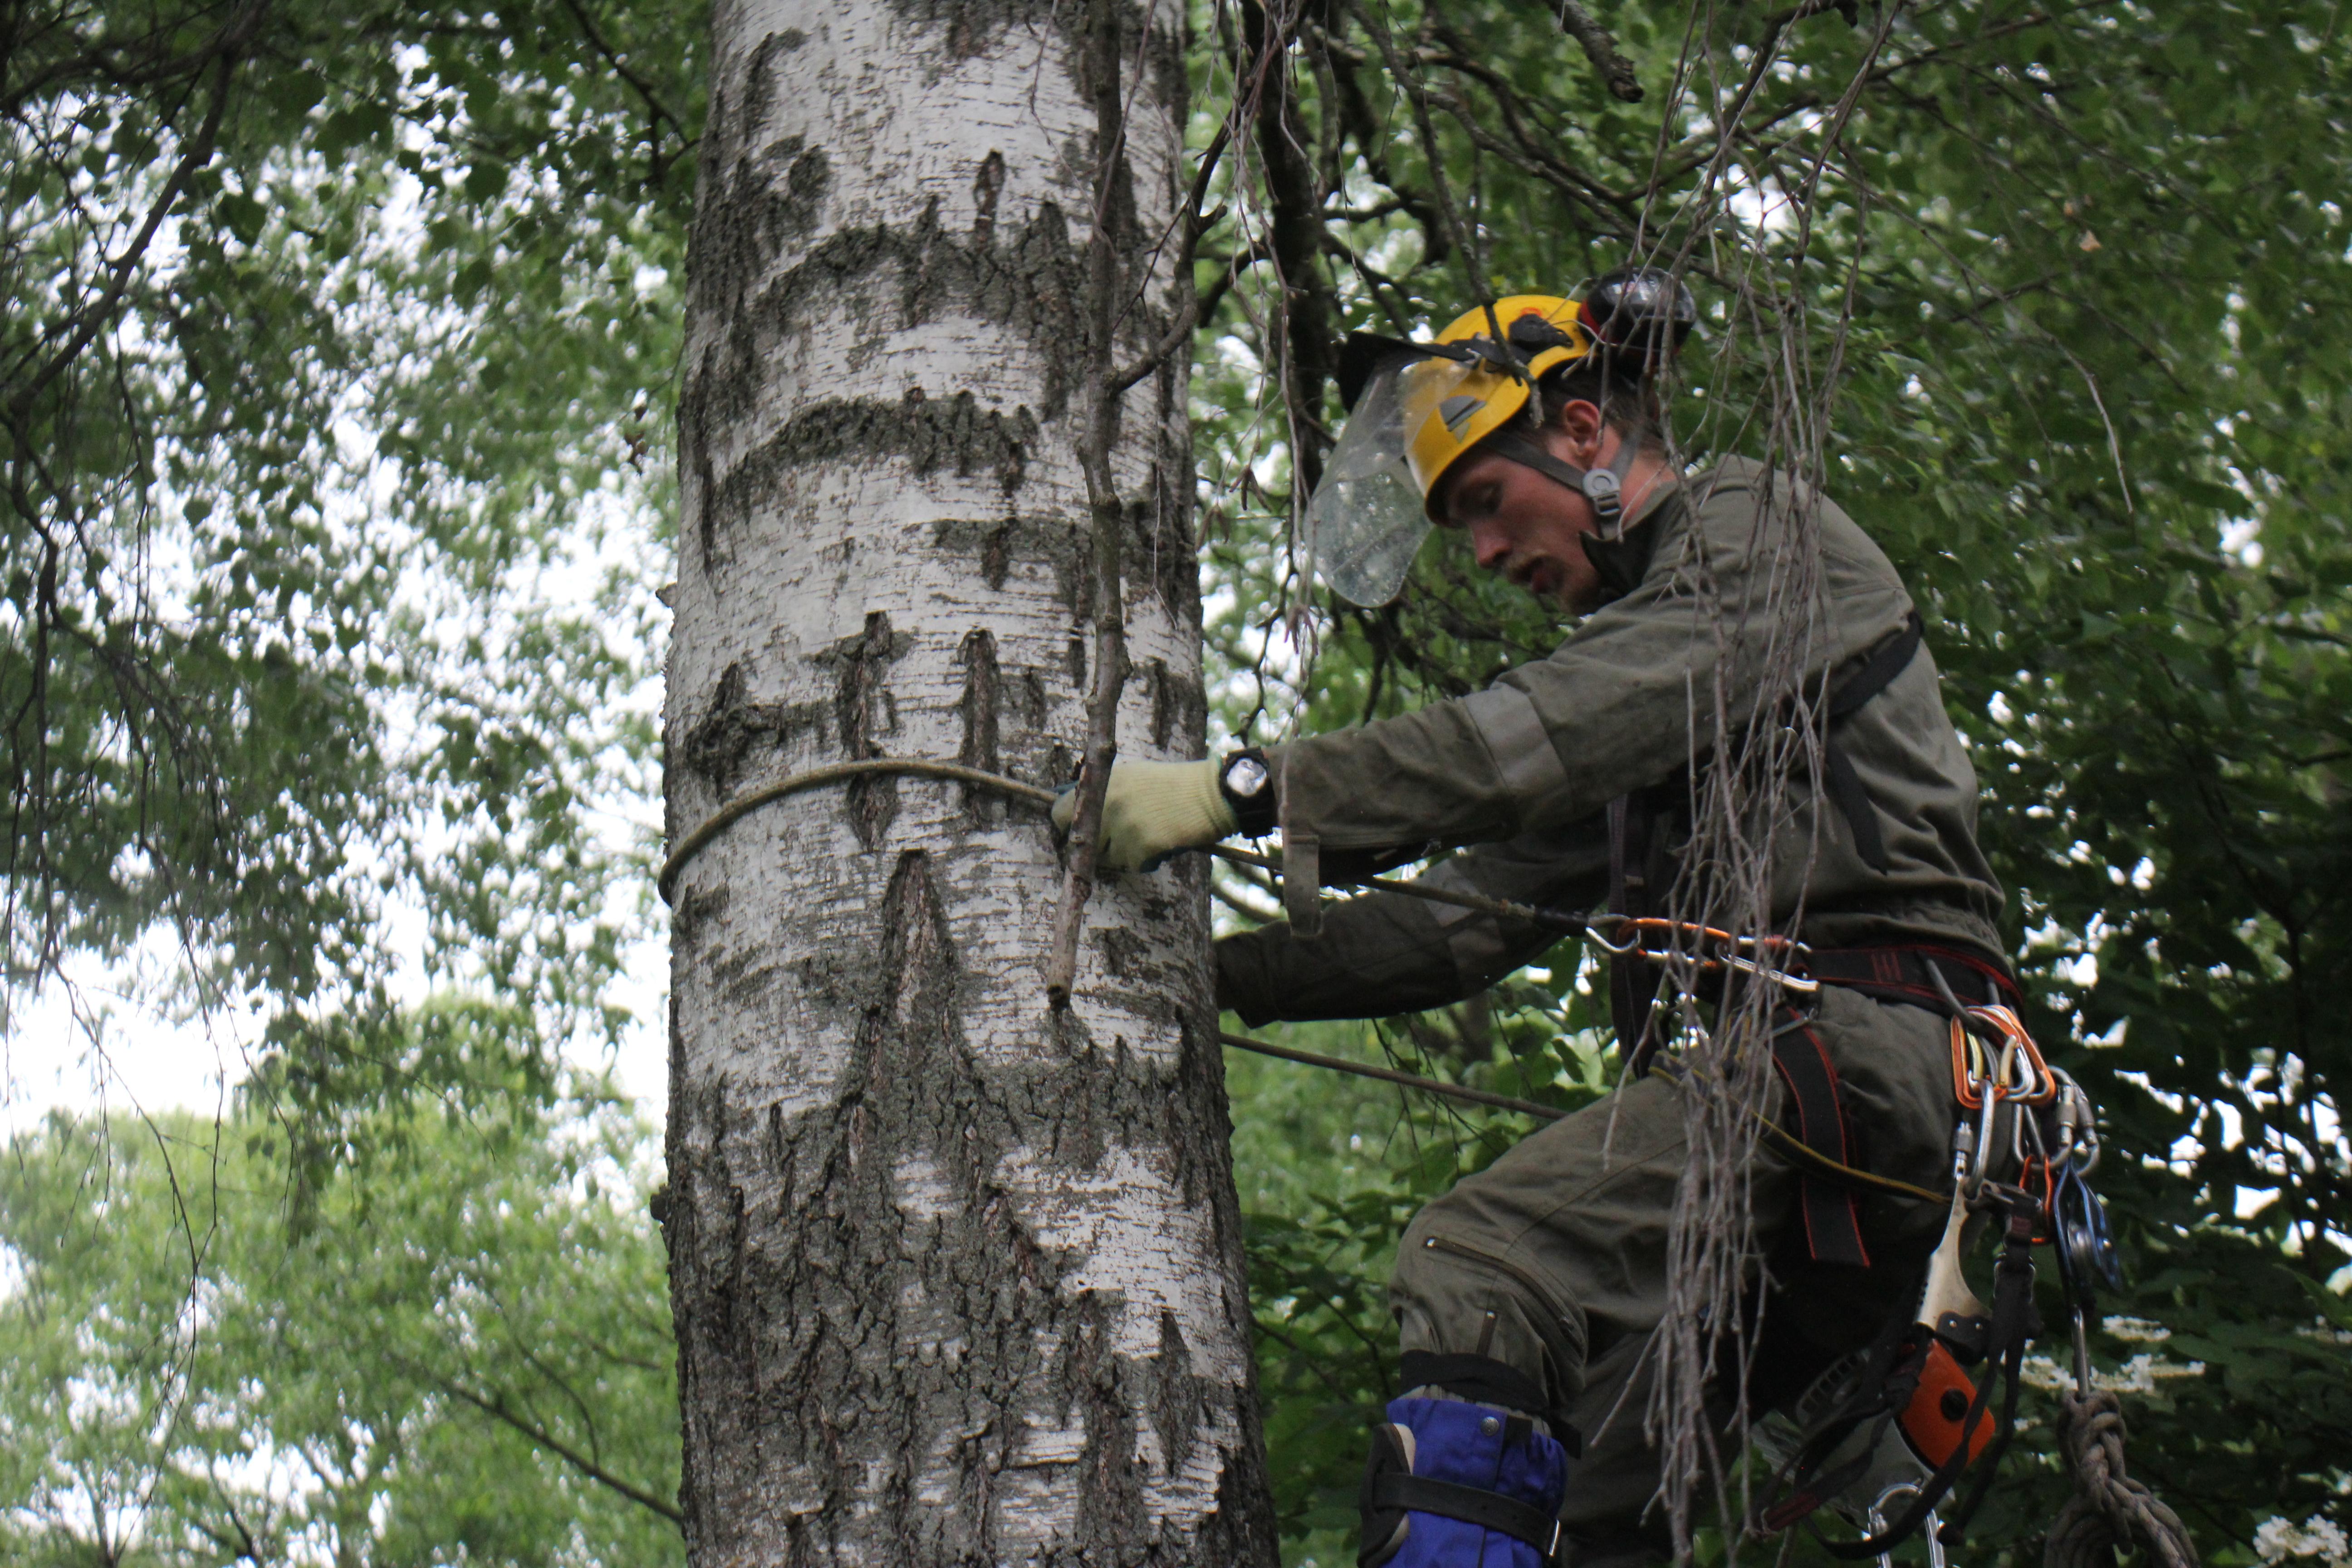 Подъем арбориста на дерево